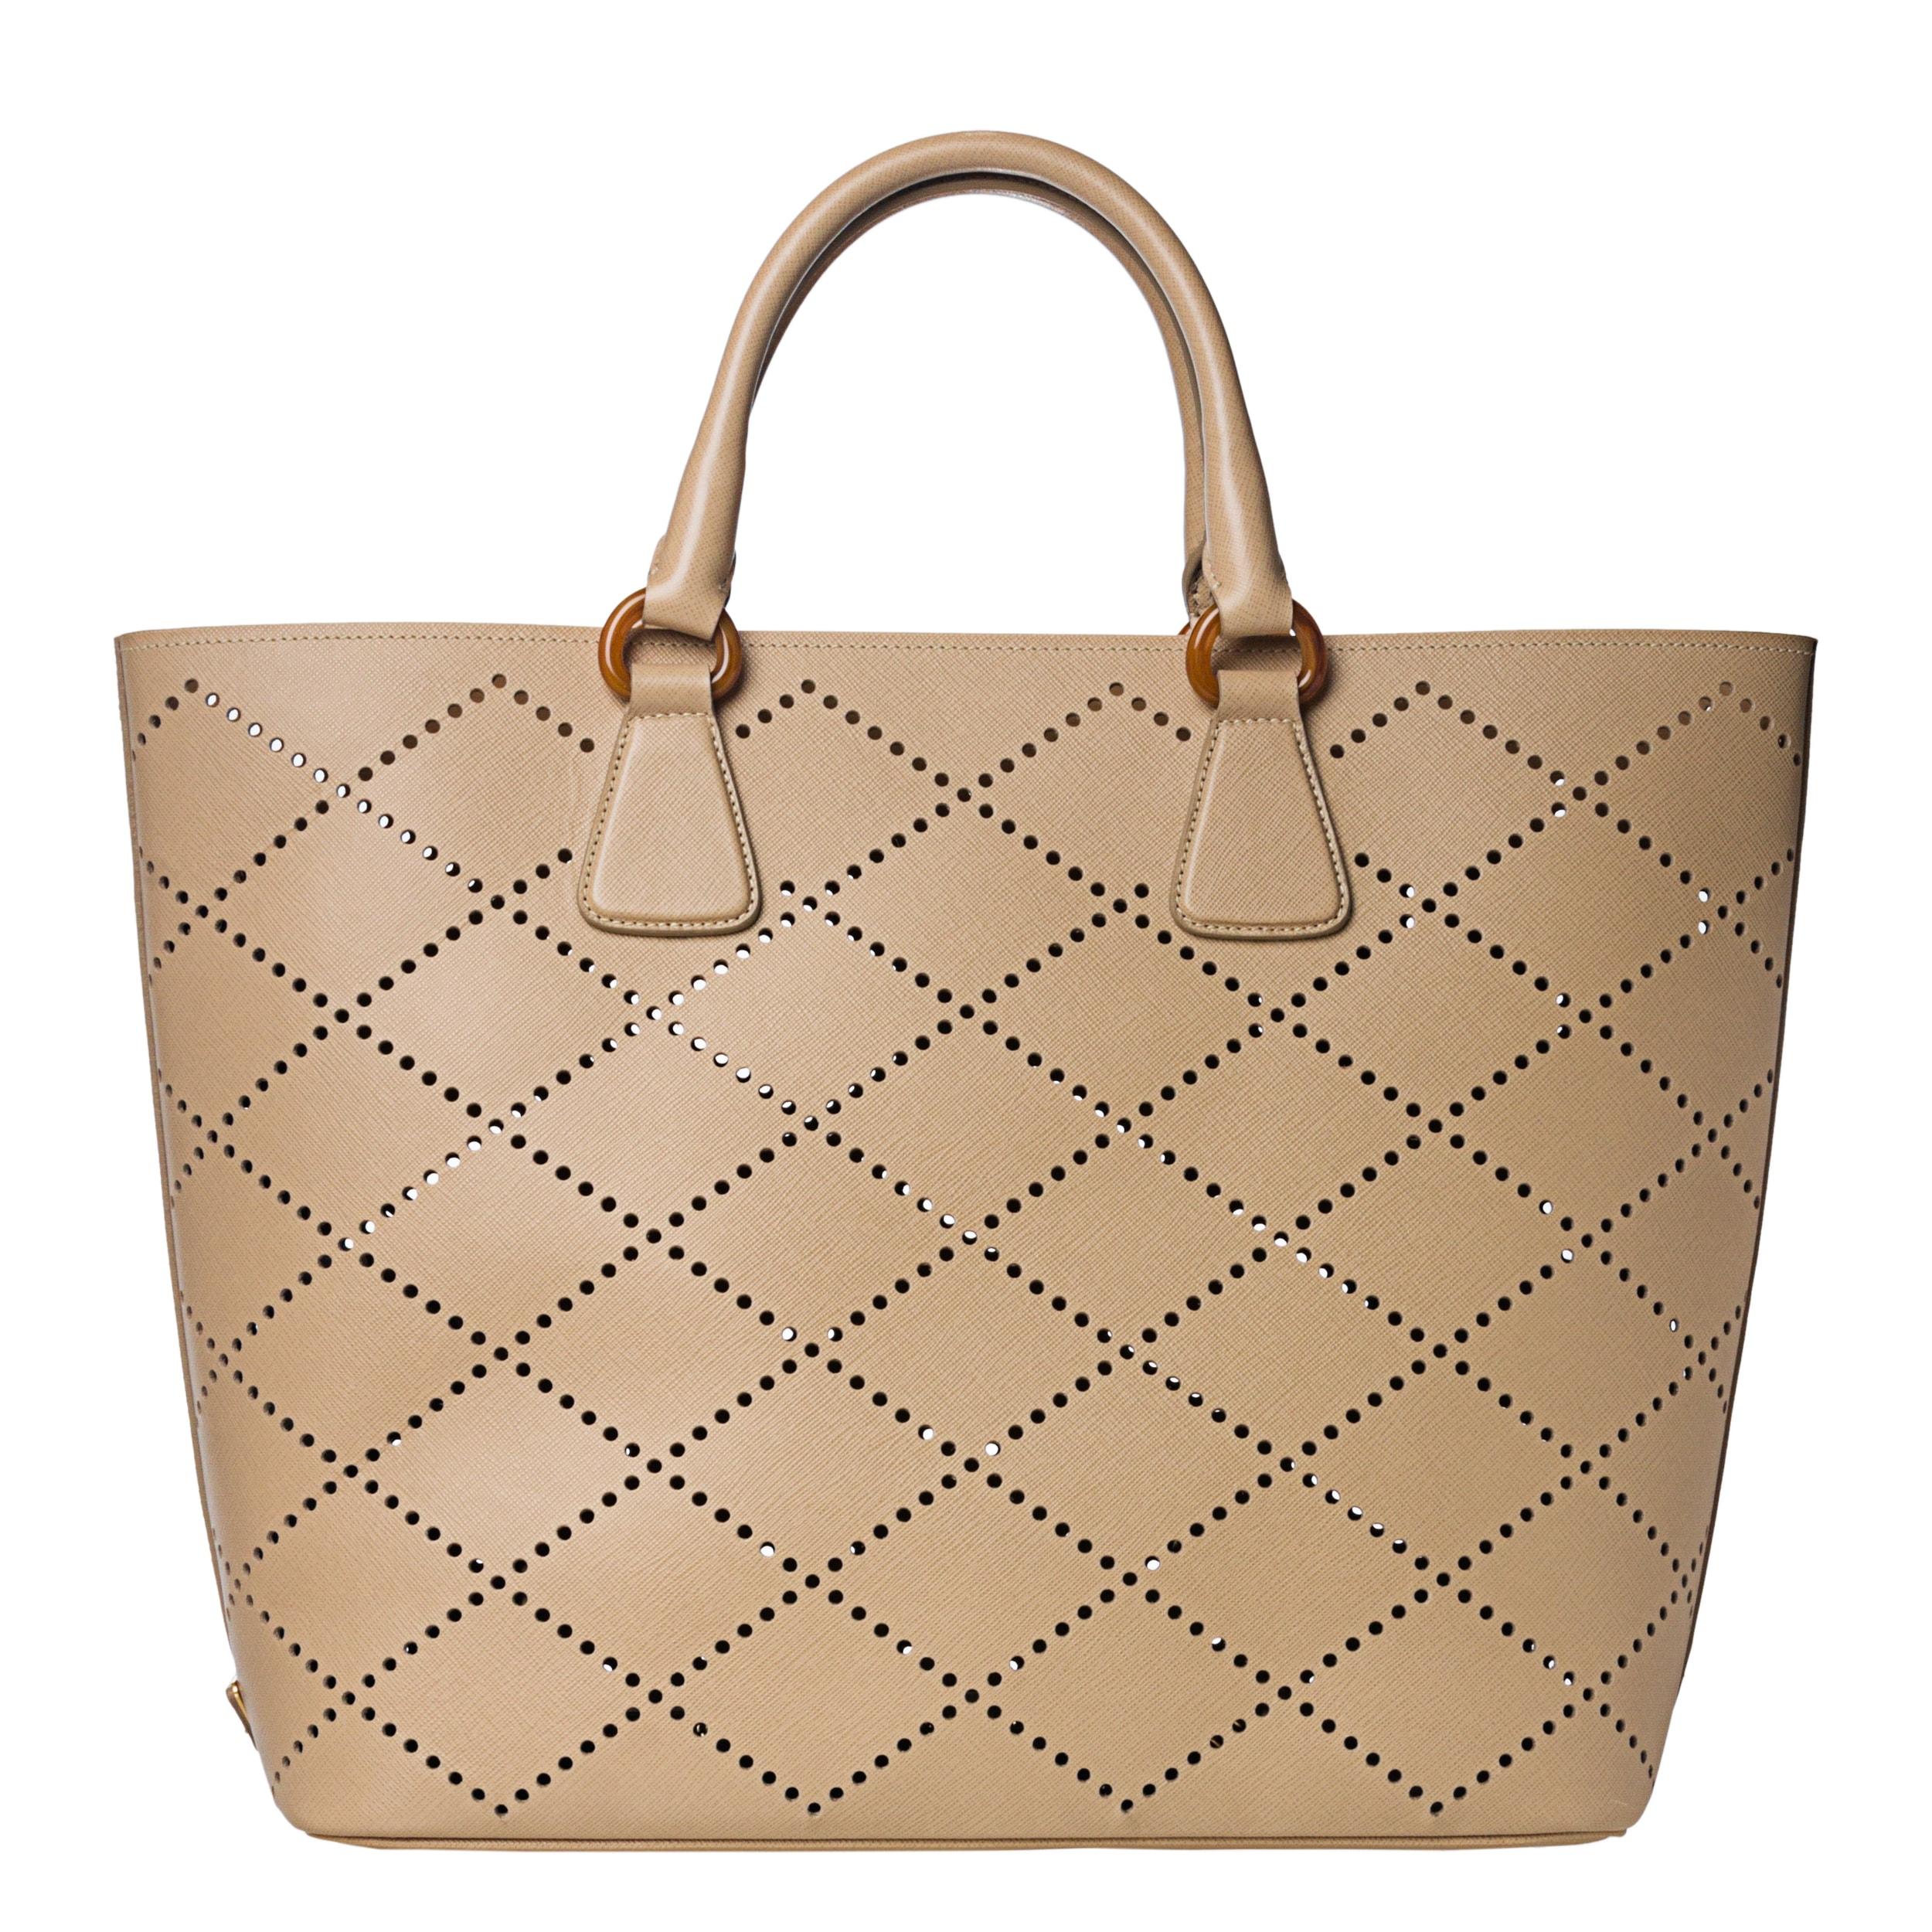 1090a7b6e7c3 Prada Large Beige Perforated Saffiano Leather Tote Bag - 14518313 .